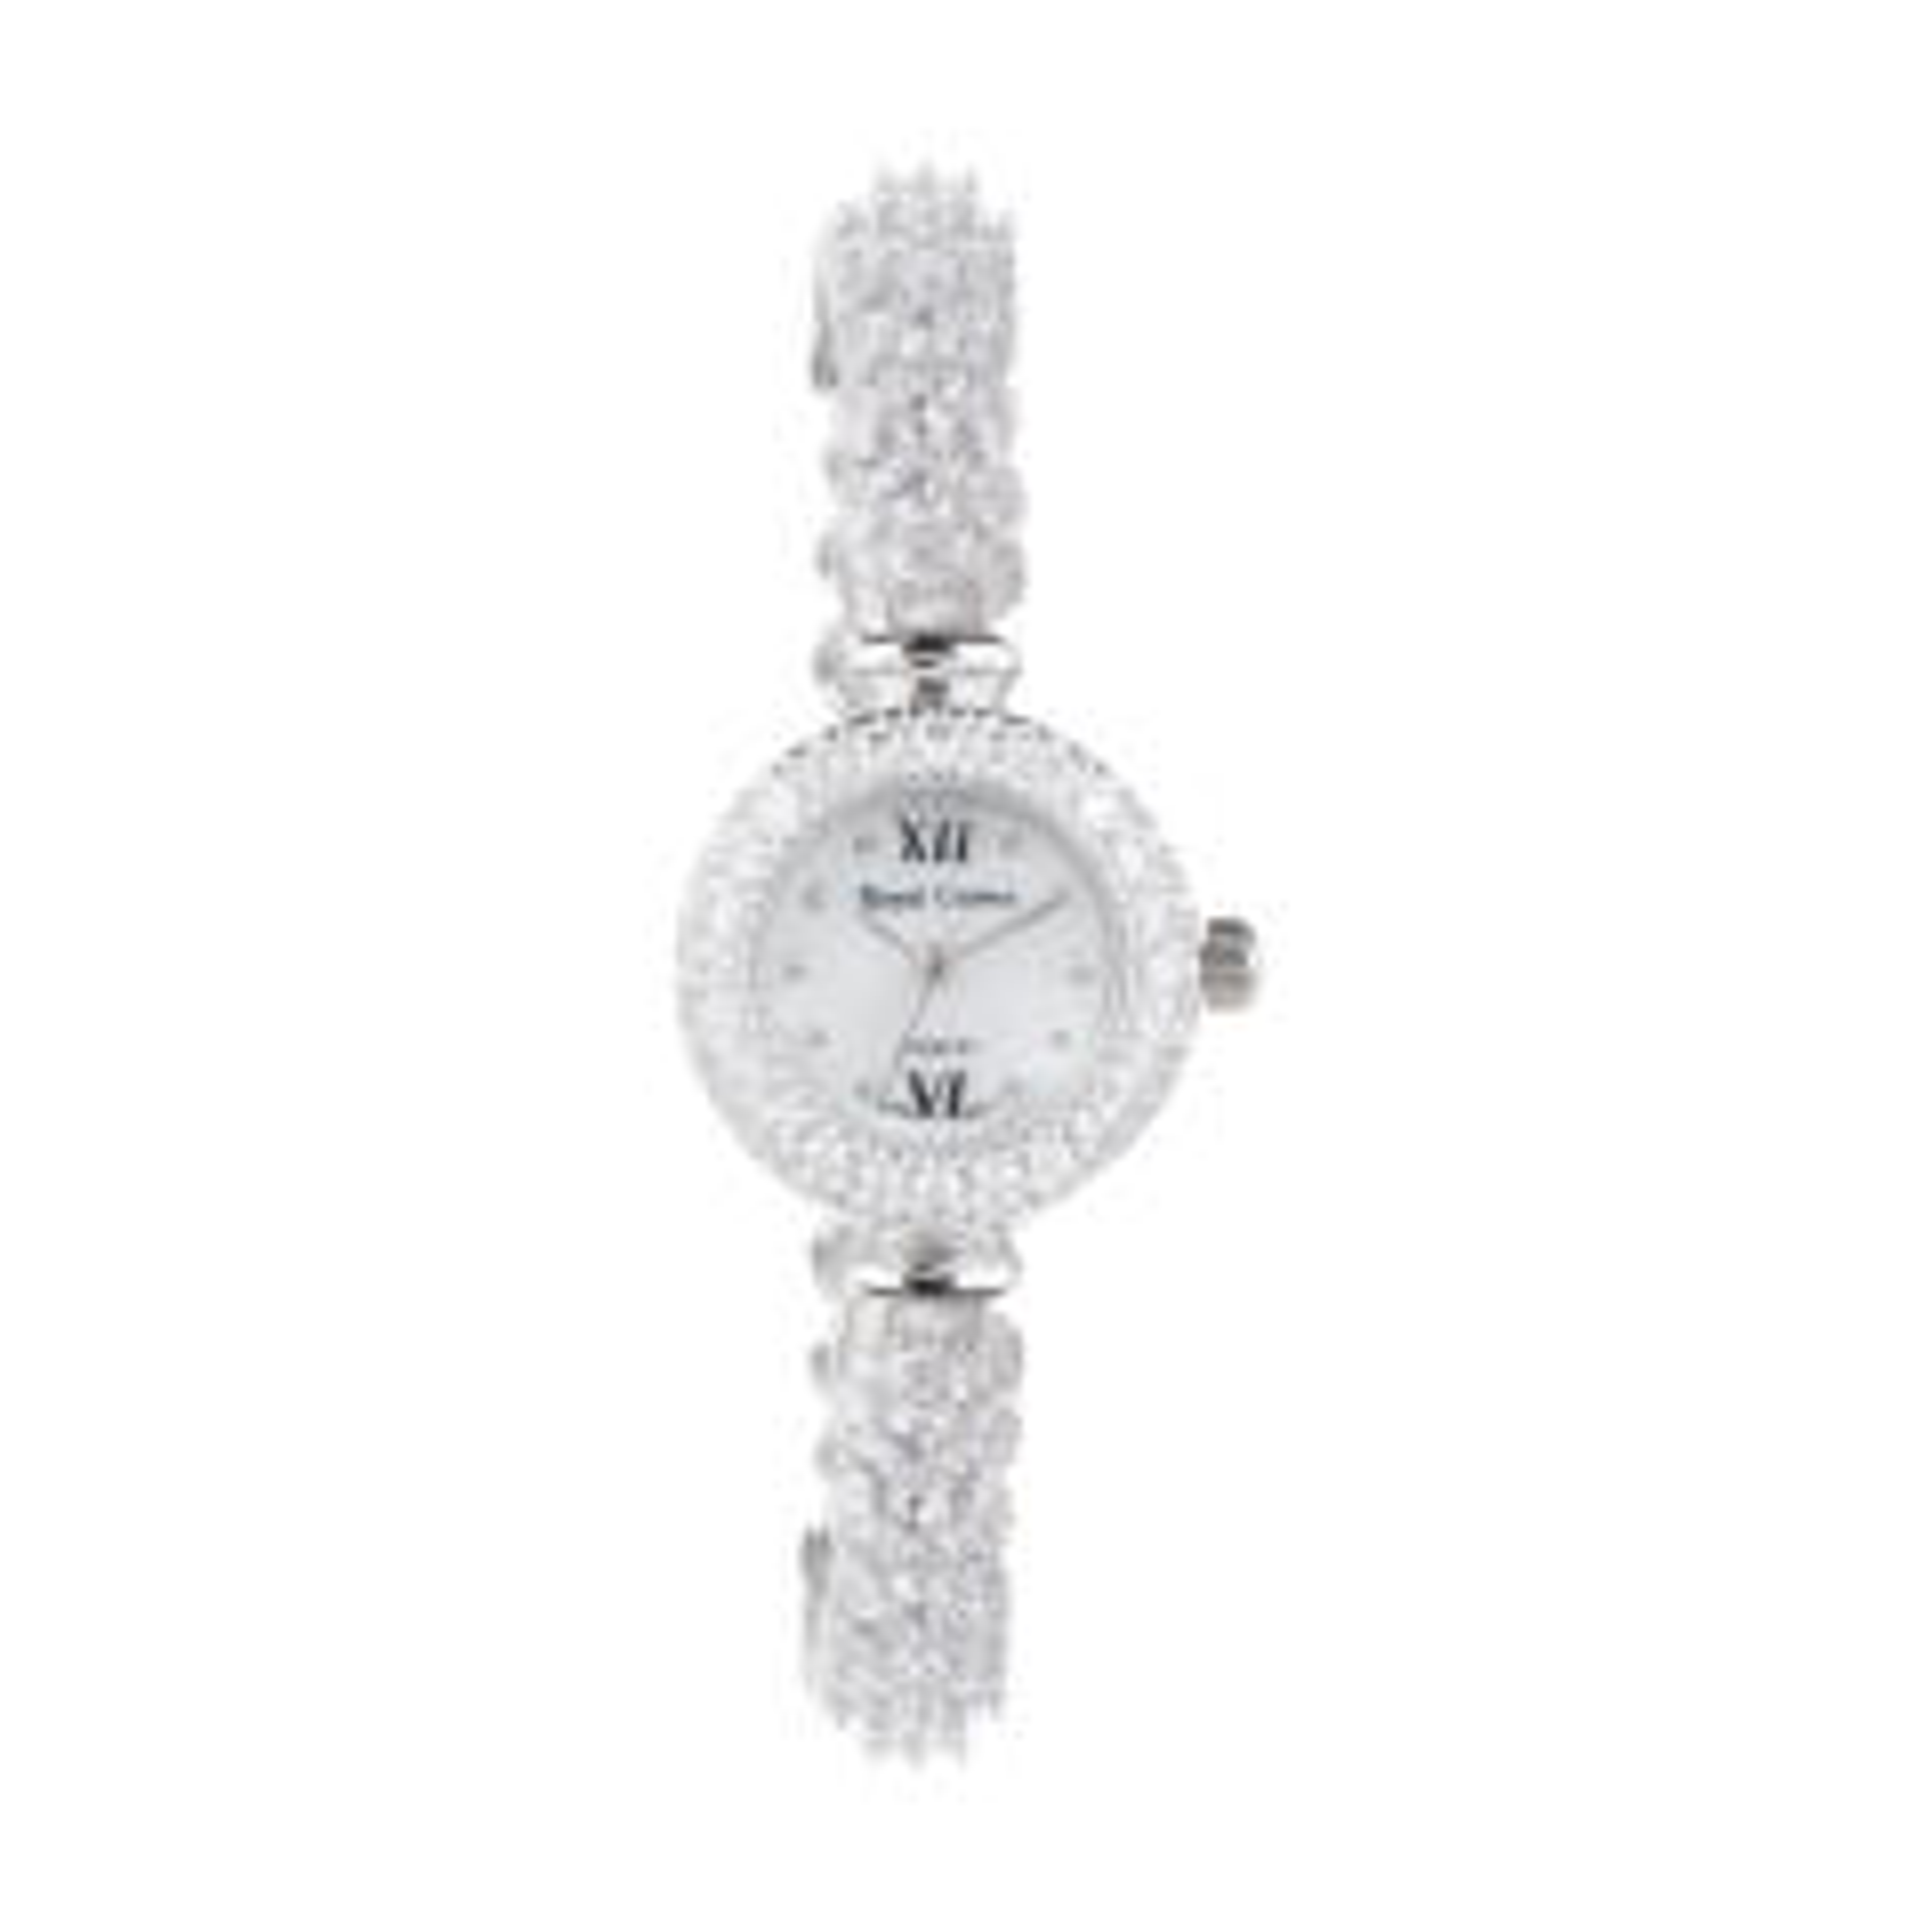 ساعت مچی عقربه ای نقره زنانه رویال کرون مدل RC5266-4